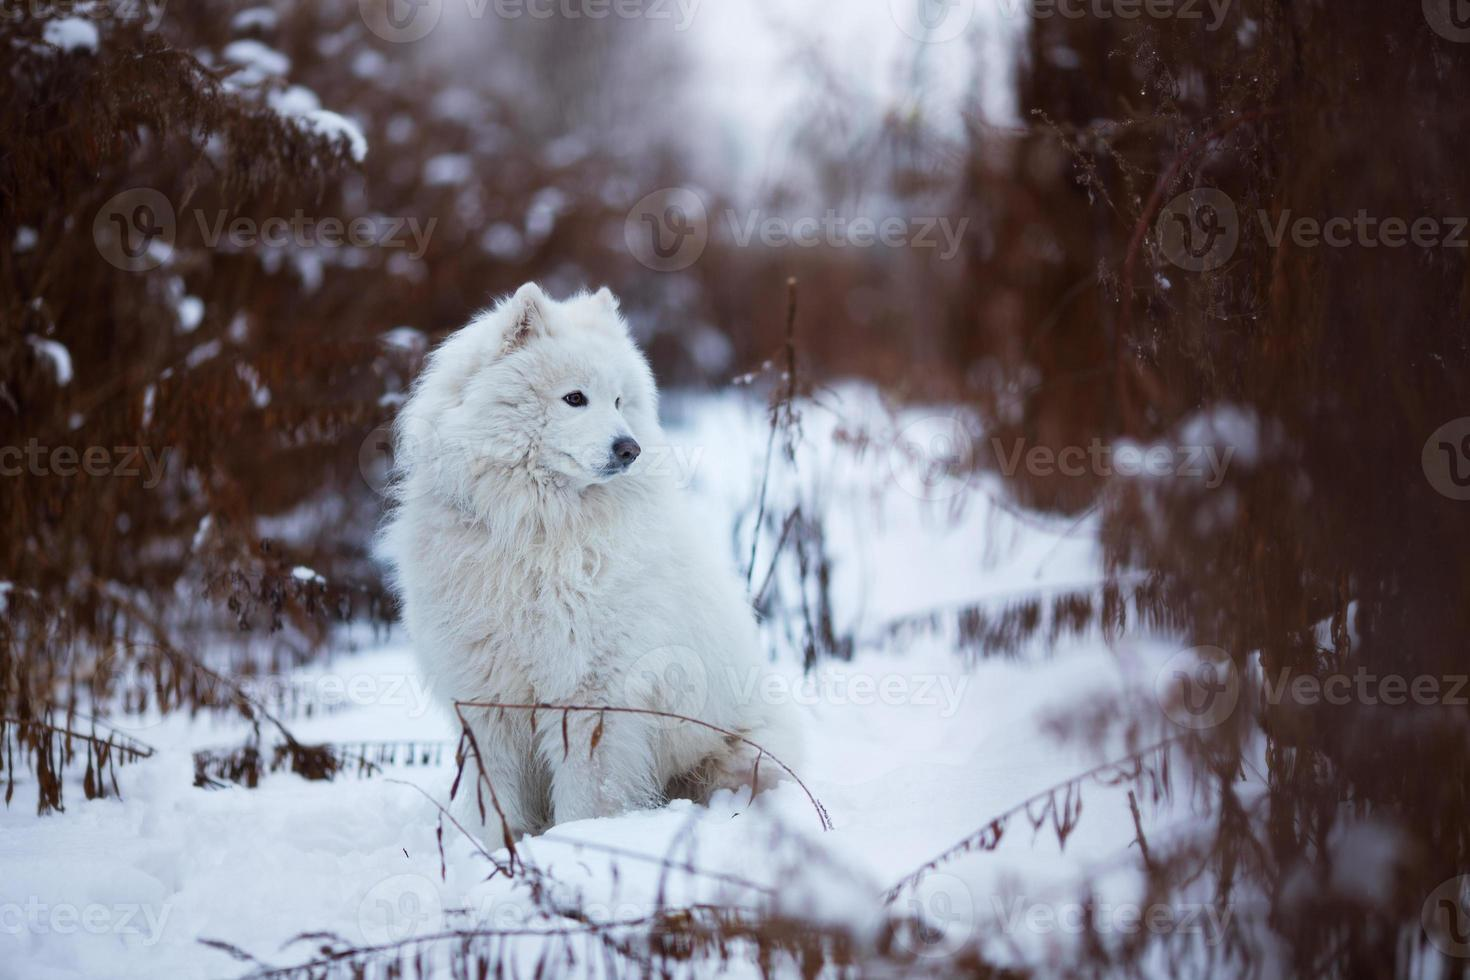 grande cane shaggy seduto sulla neve foto